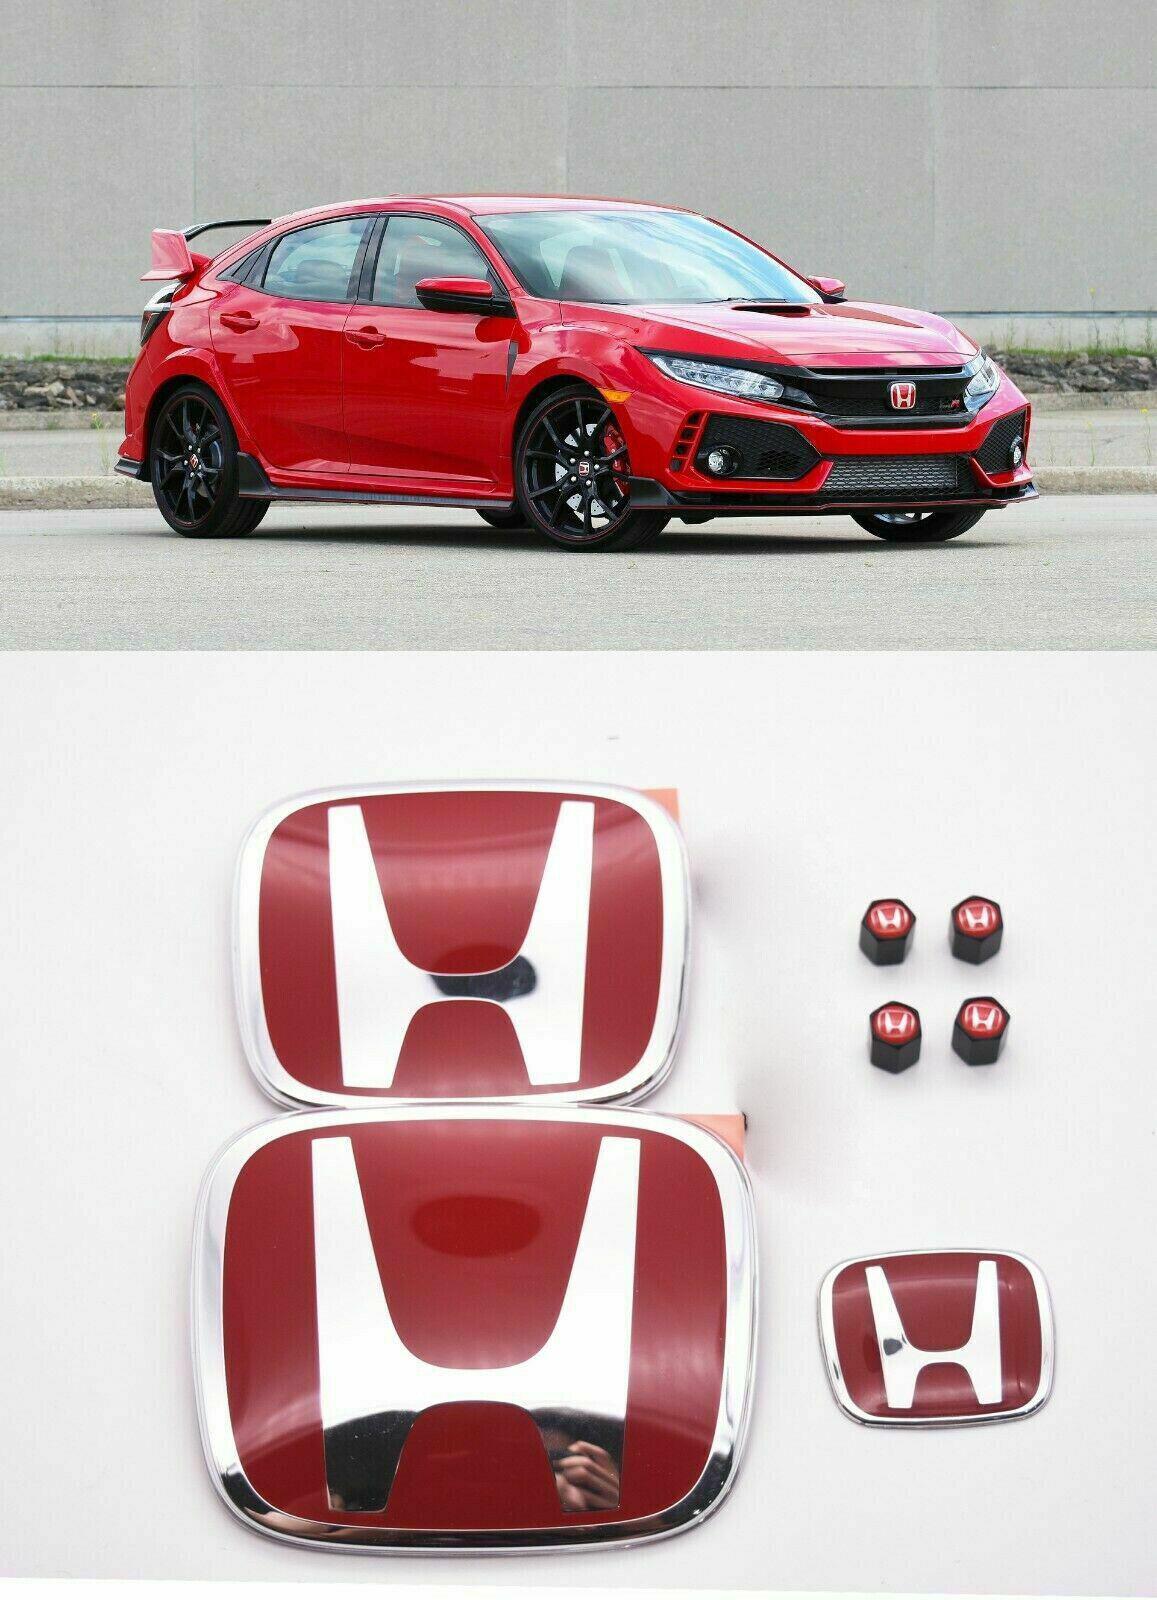 RACING SET Red H Emblem Front Rear Steering Fit 2016-21 HONDA CIVIC HATCHBACK